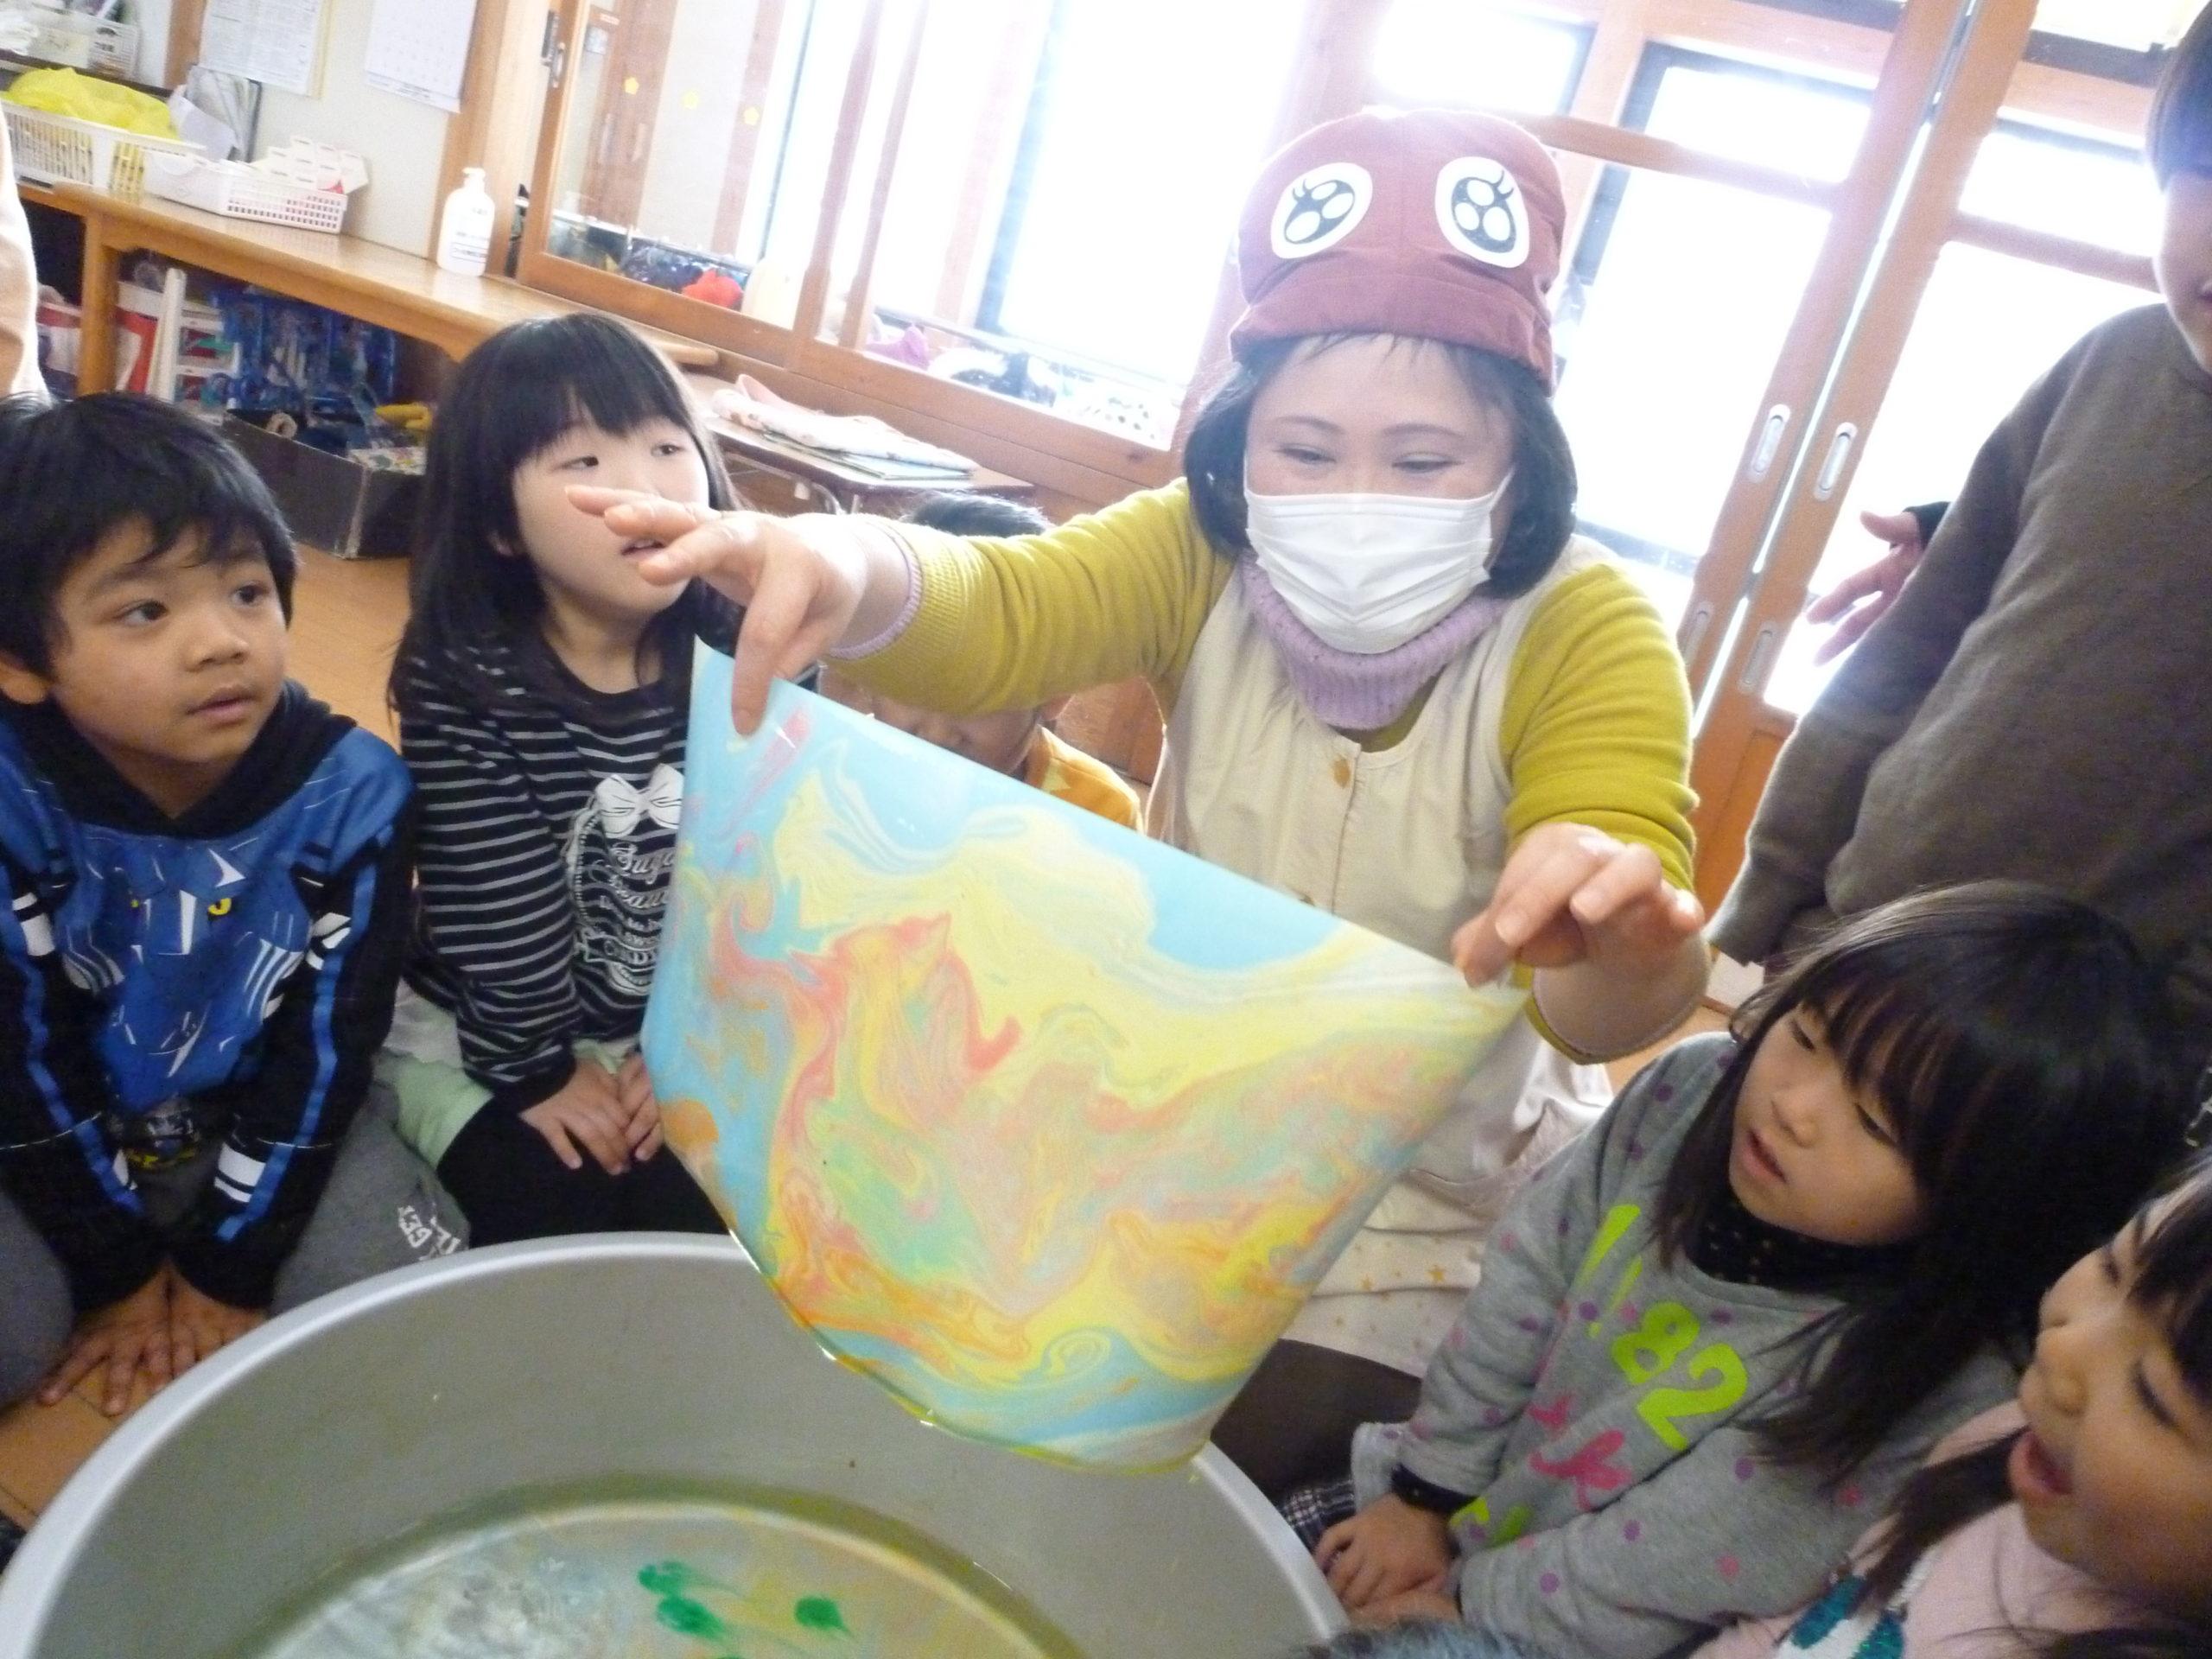 くまのくまこちゃん登場☆彡【新穂トキっ子保育園 つき組 4歳児】